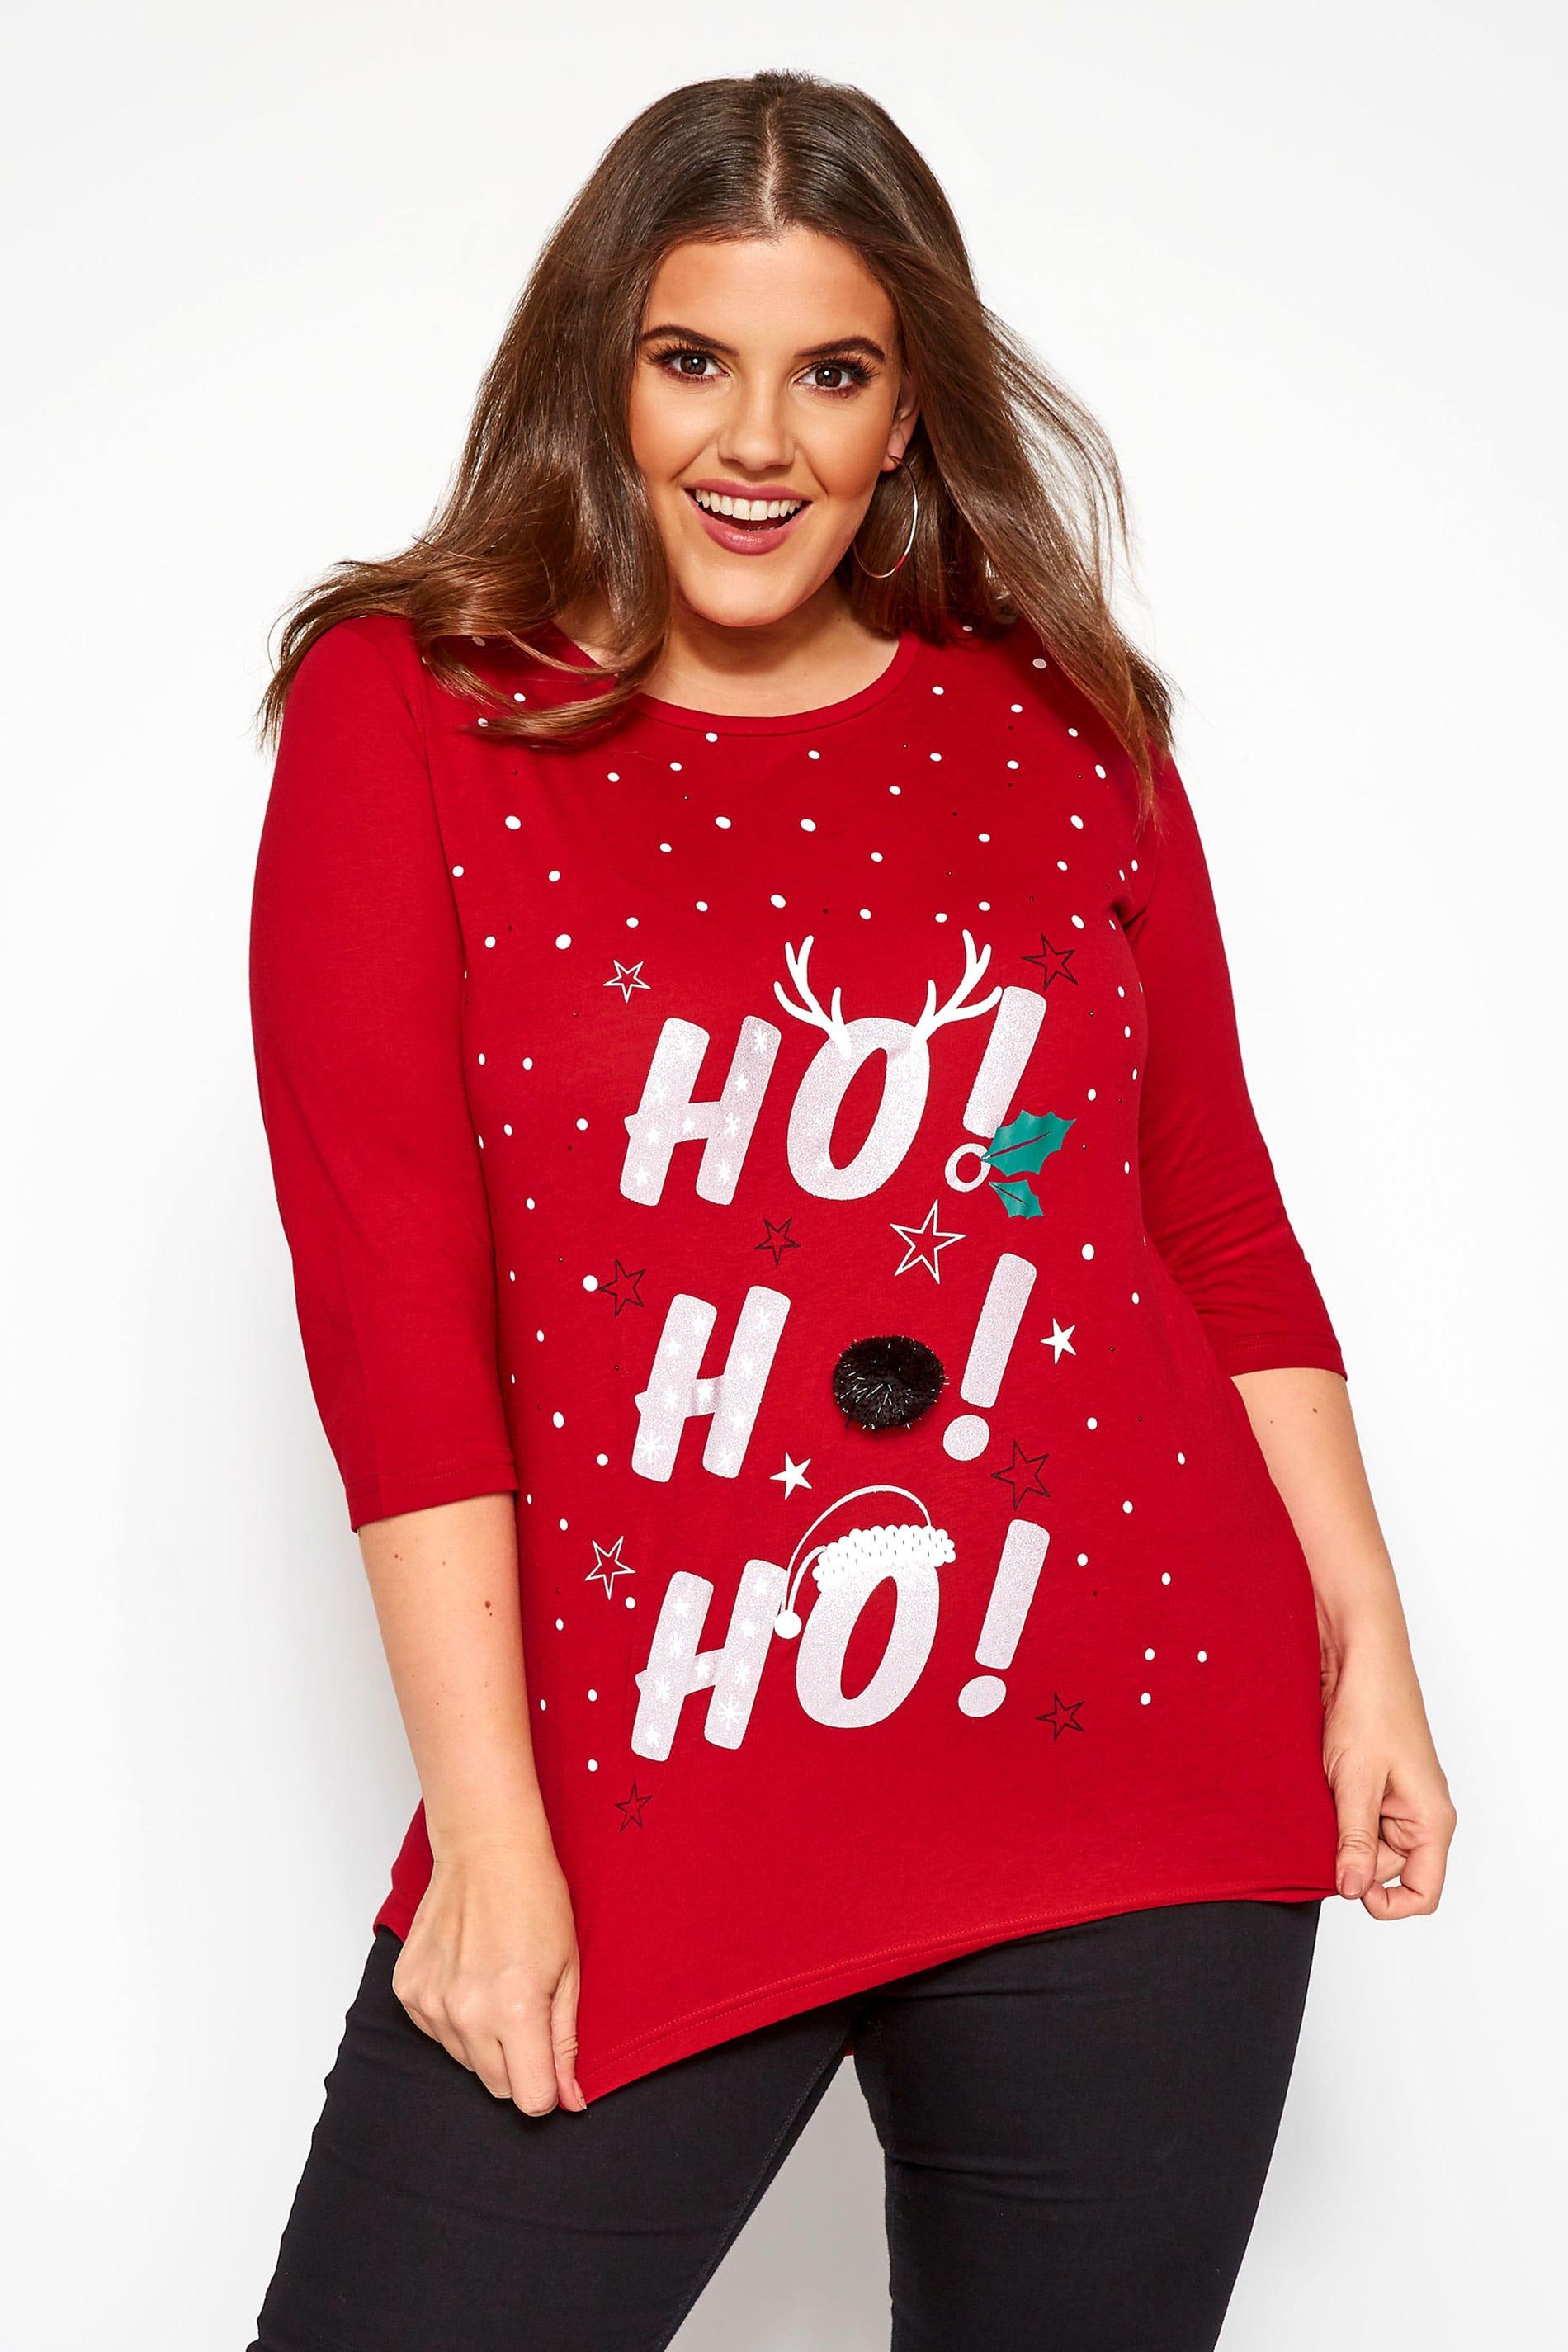 Red Christmas 'Ho, Ho, Ho' Slogan T-Shirt